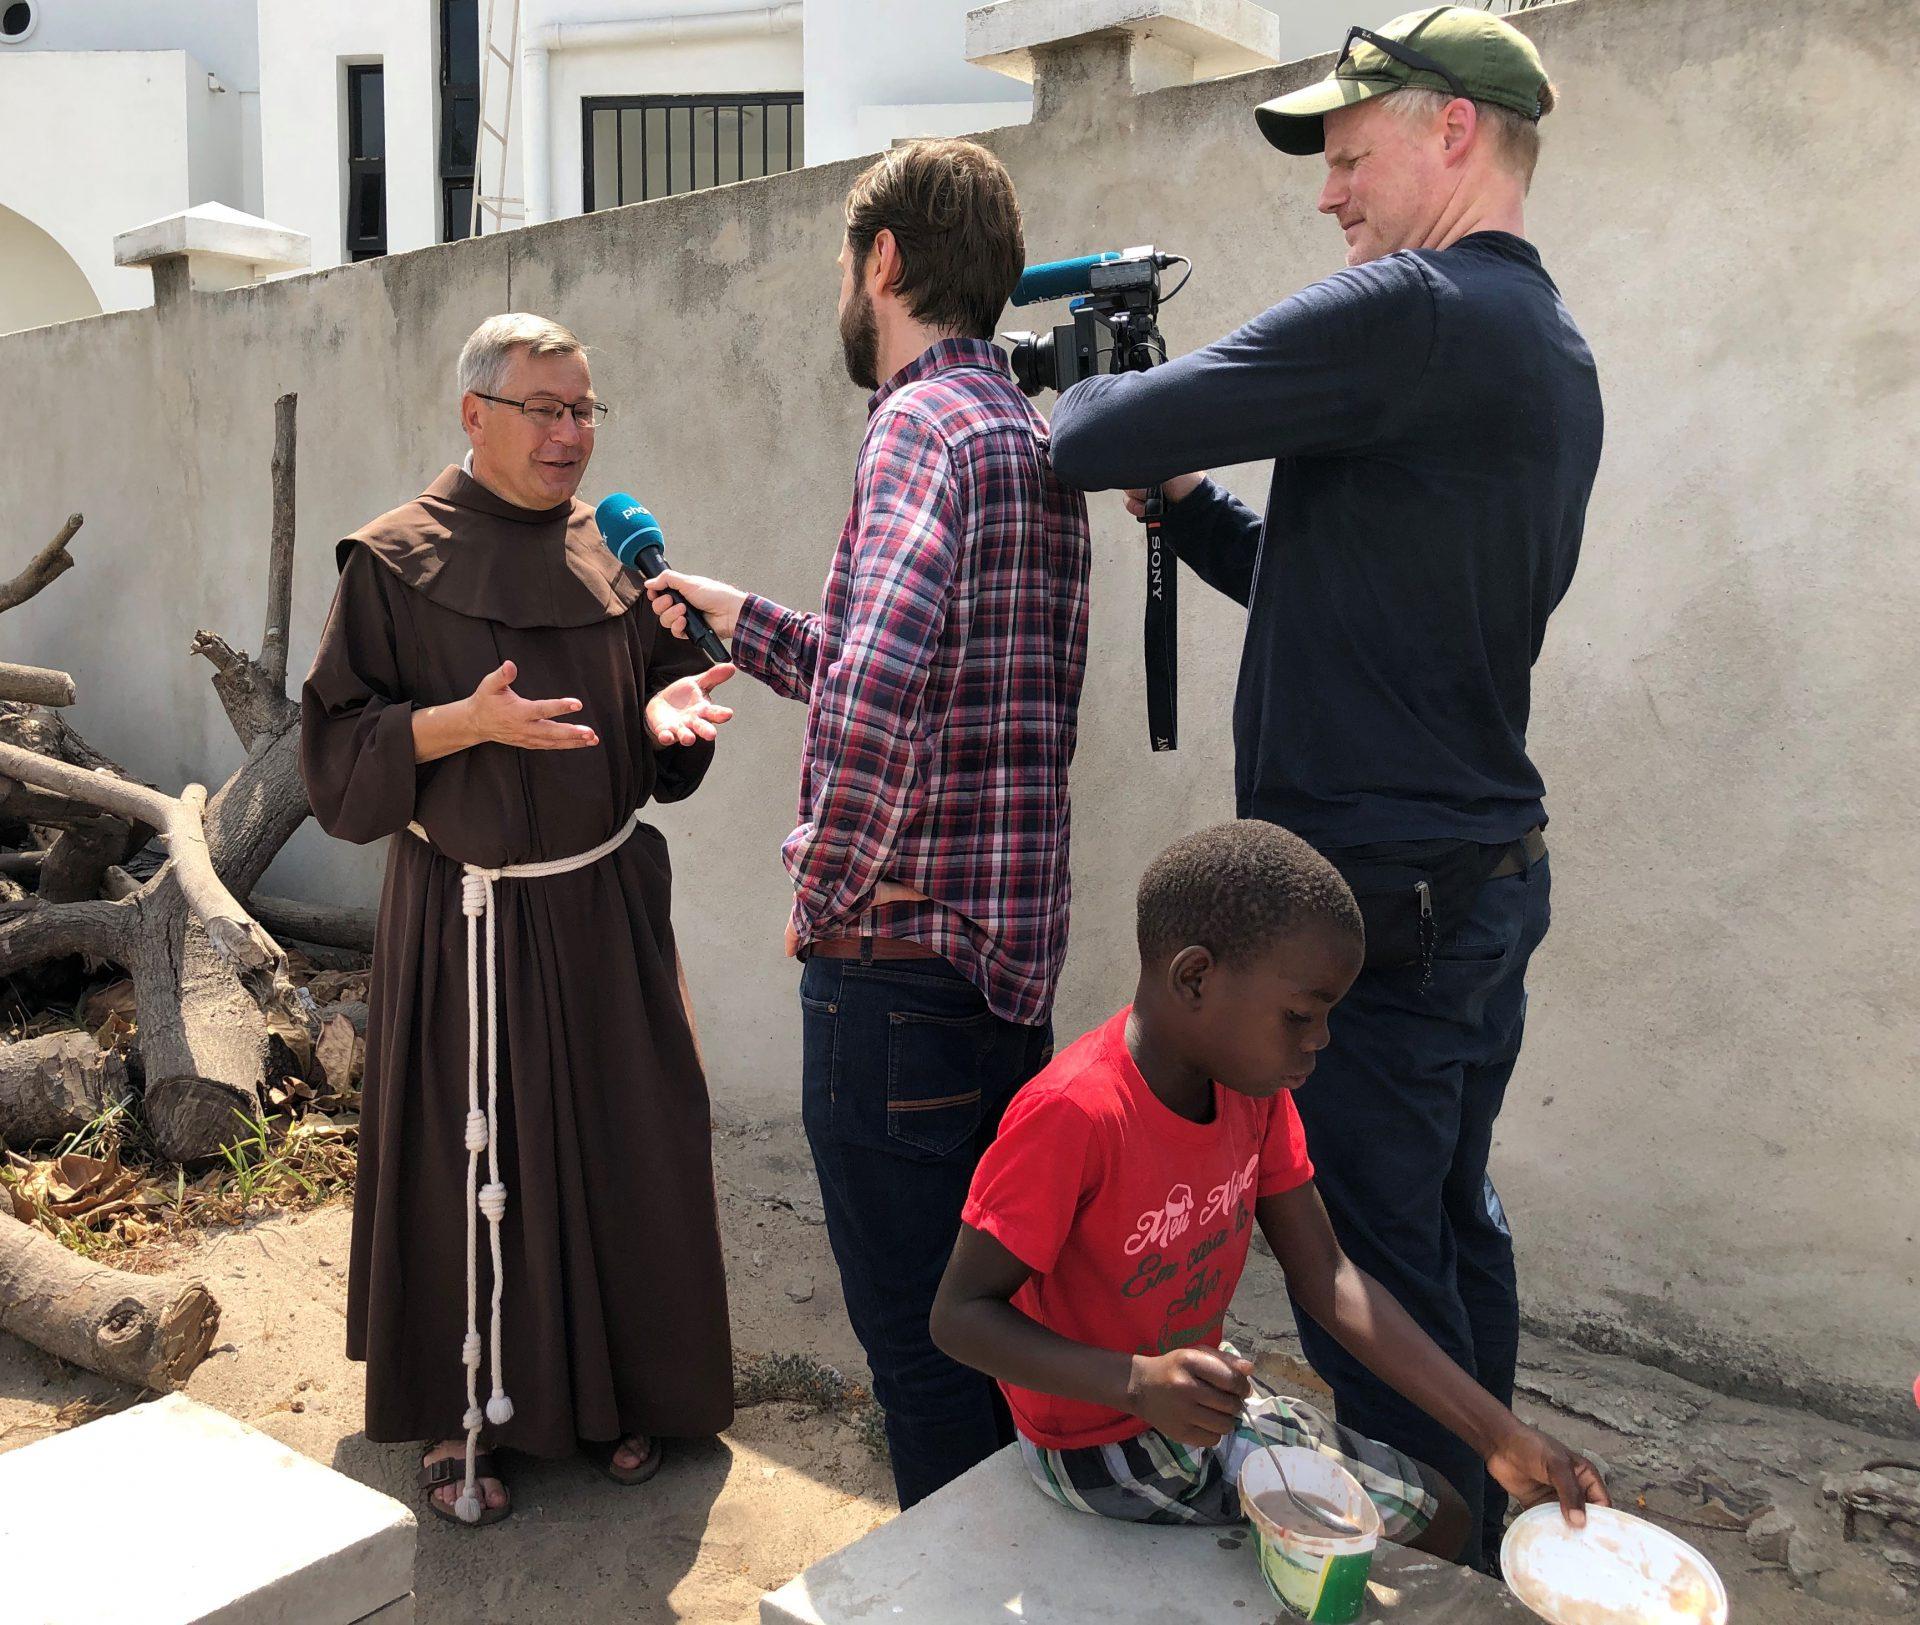 MZF Leiter Pater Matthias Maier OFM im Interview mit phoenix - Quelle: Katharina Kolano/MZF